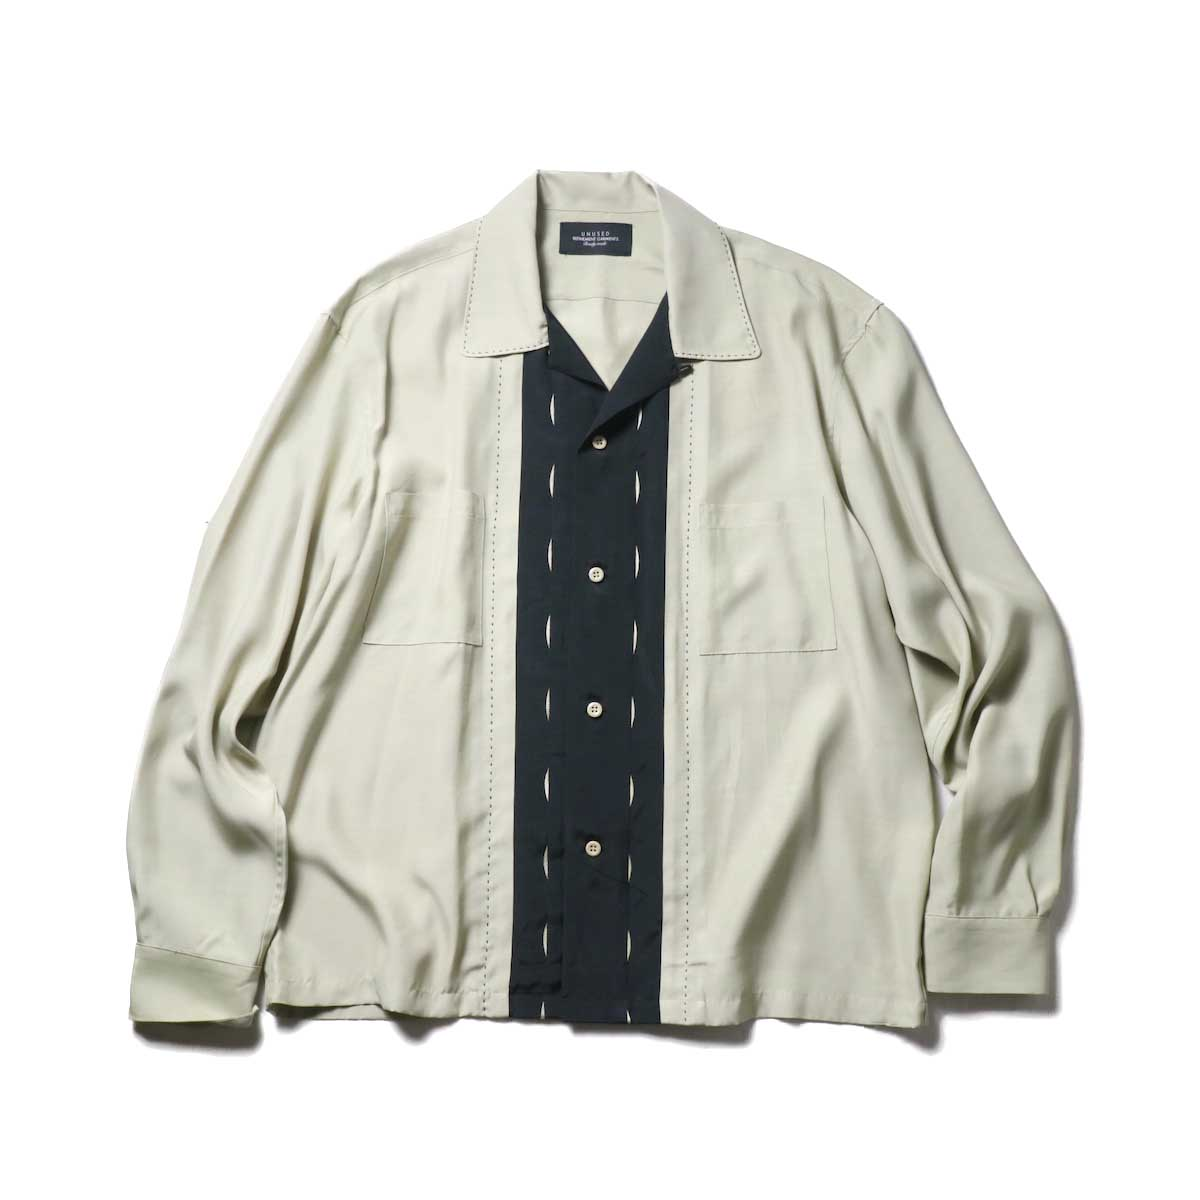 UNUSED / US1974 Rayon Shirt. (Beige)